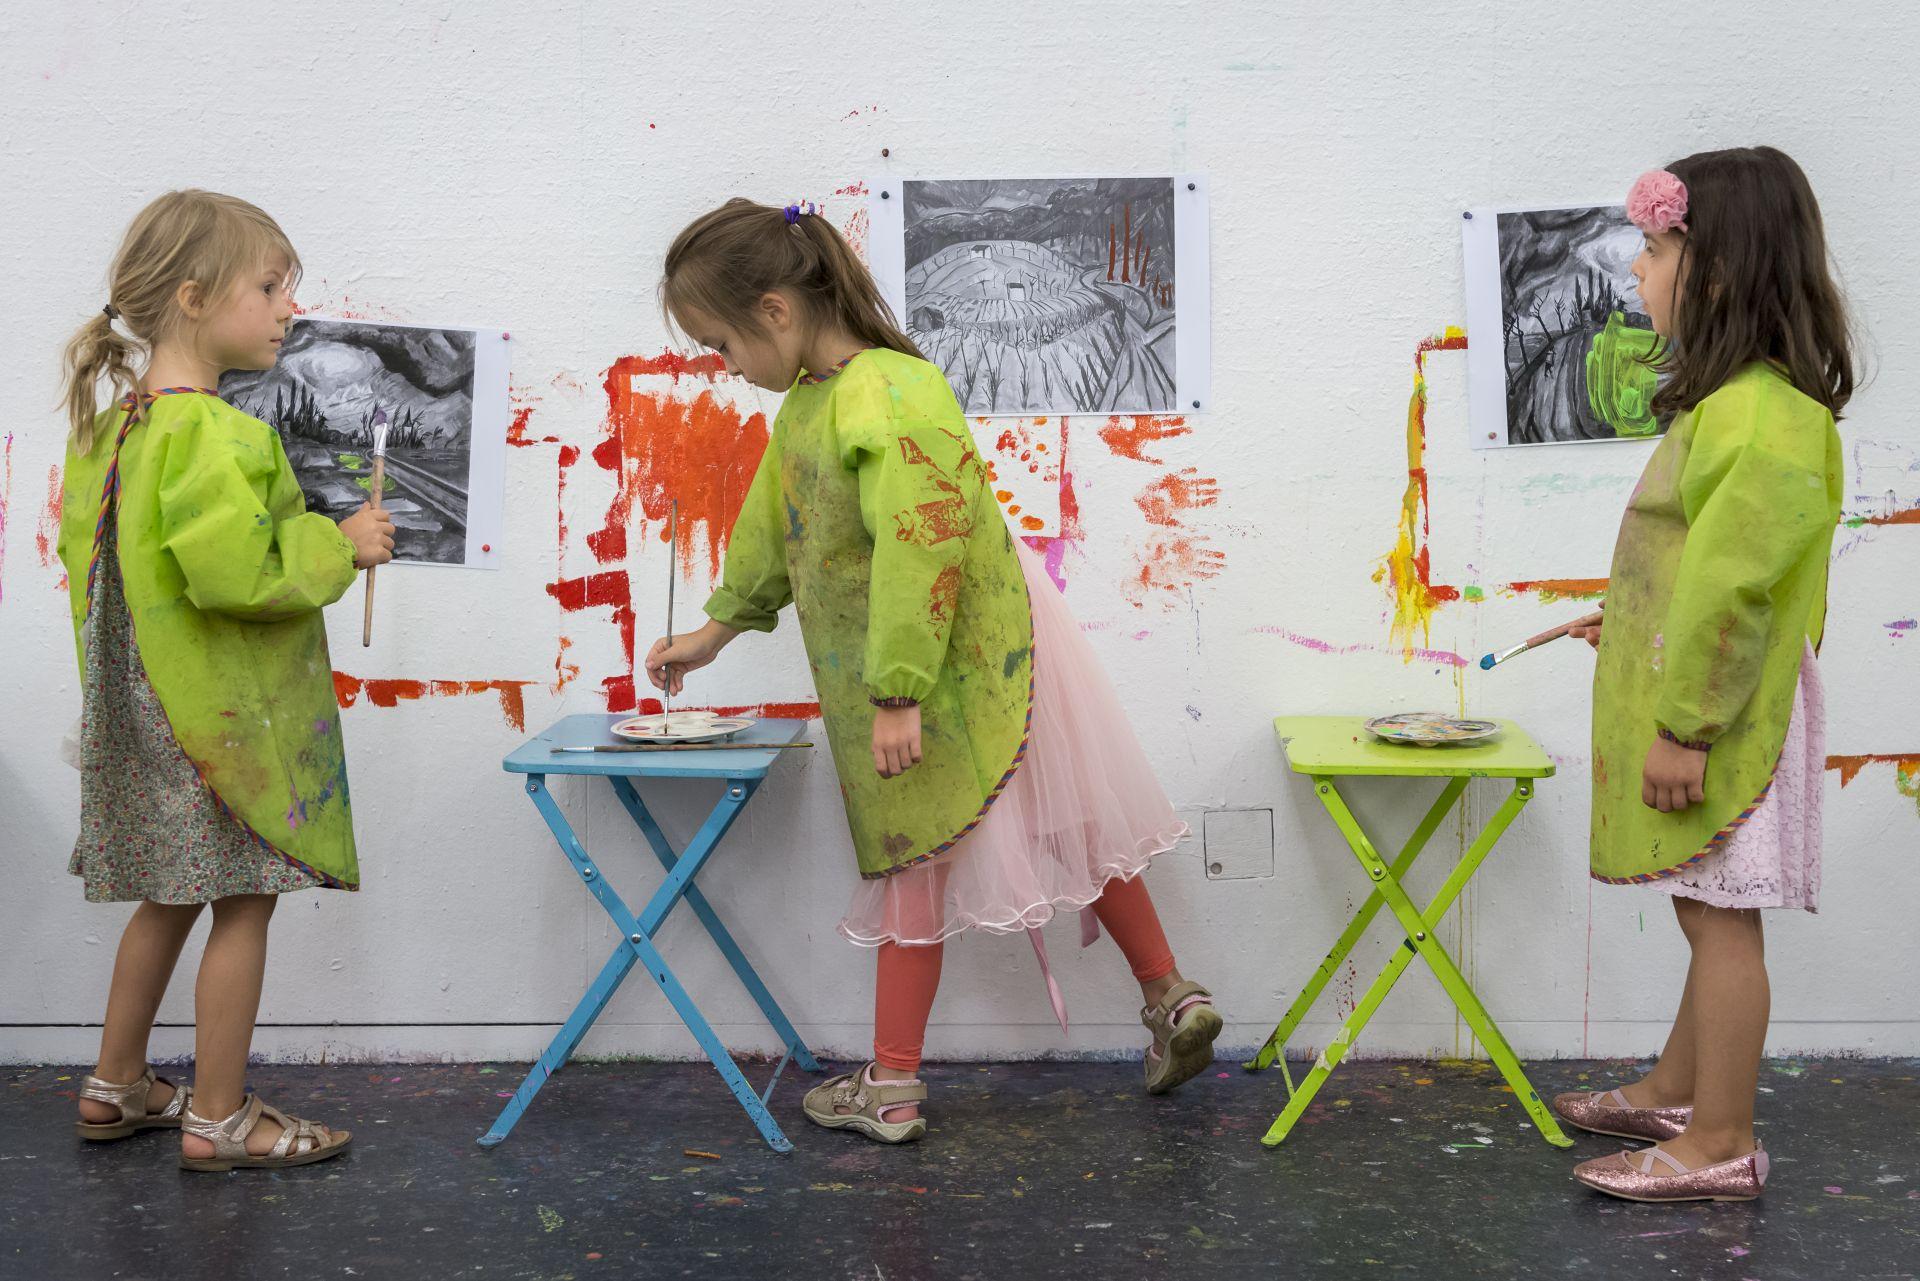 Drei Mädchen stehen in grünen Schürzen vor einer Wand und malen